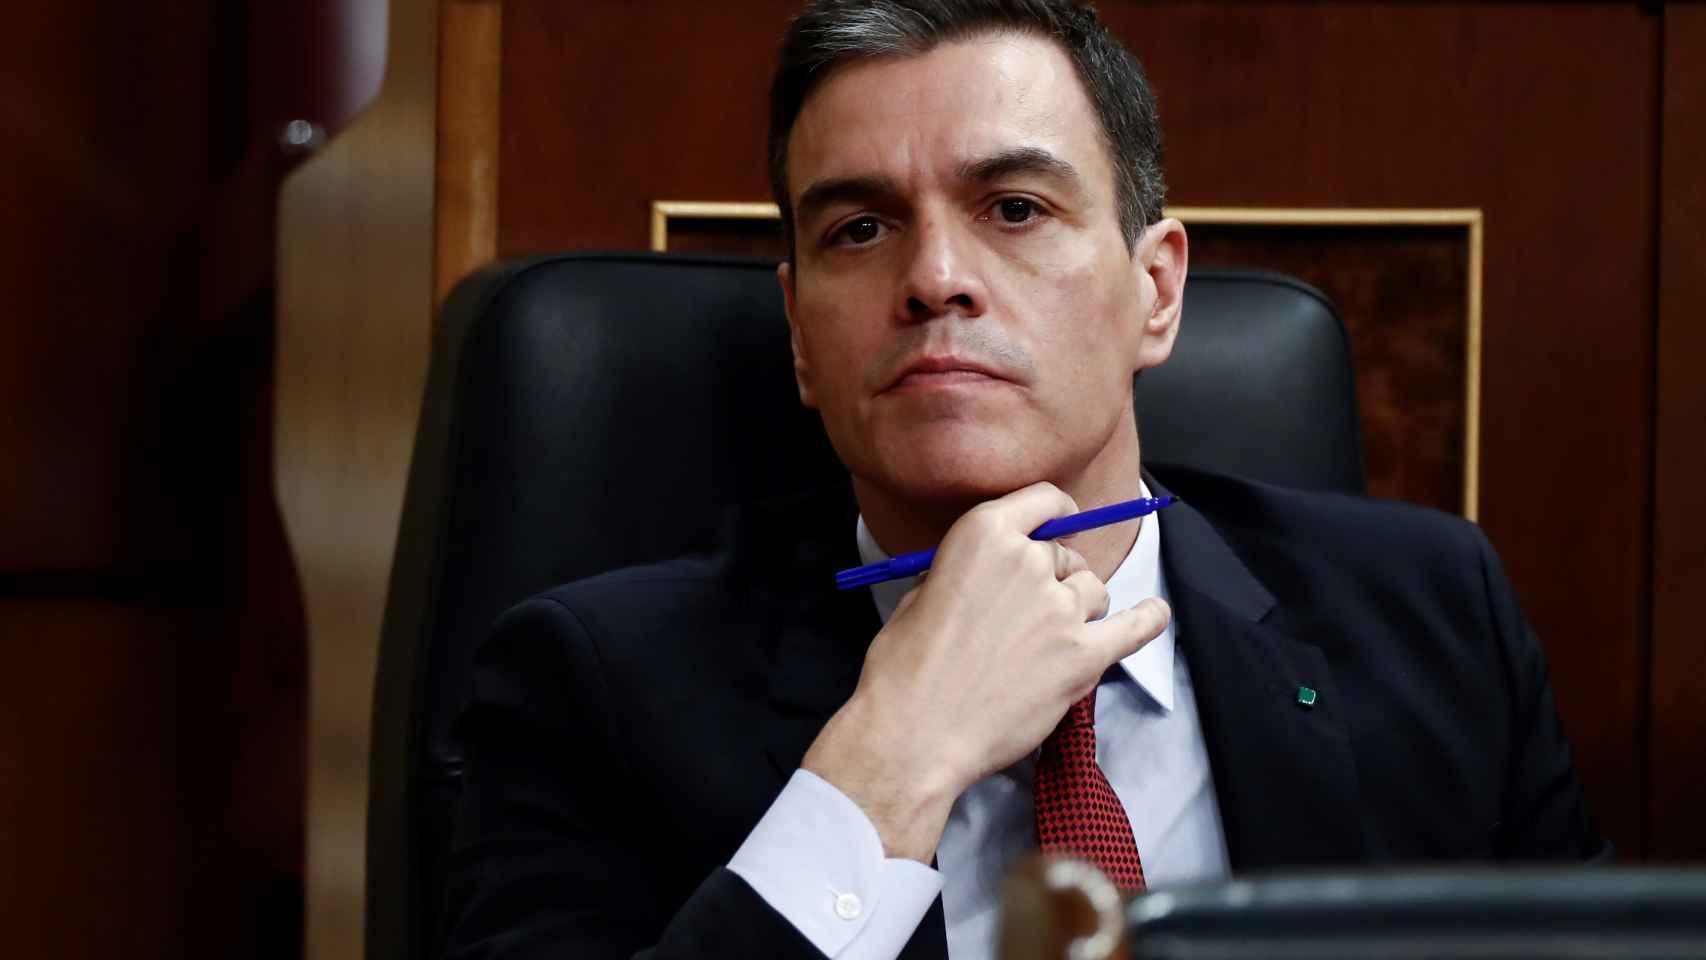 Pedro Sánchez, presidente del Gobierno, en su escaño en el Congreso de los Diputados.